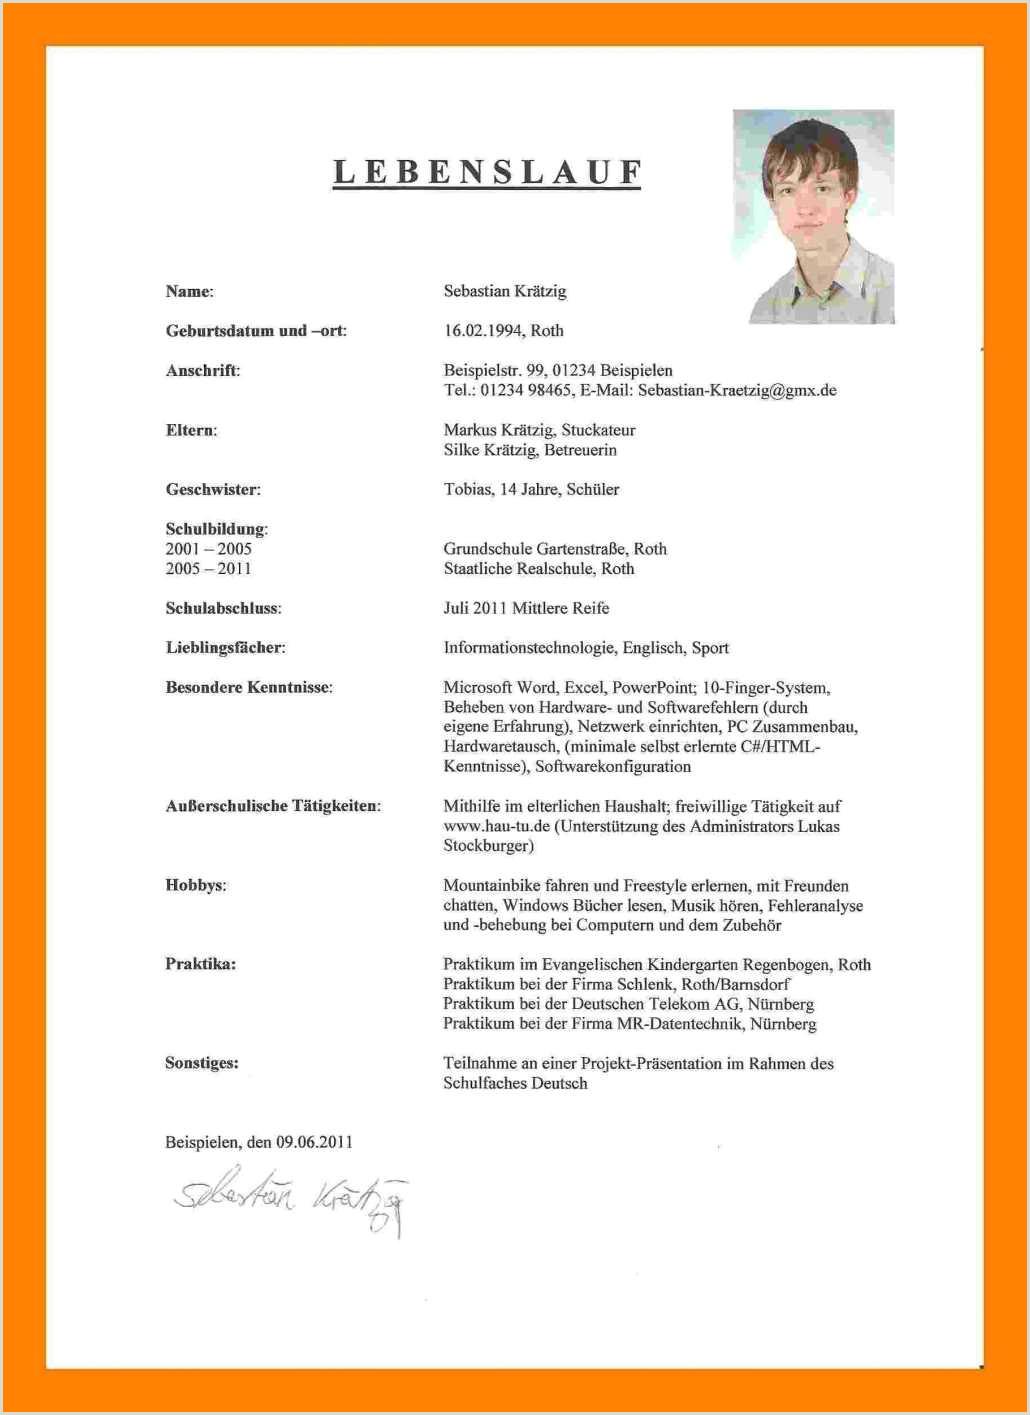 Lebenslauf Muster Für Den Deutschen Pass Praktikum Brief 2019 01 15t22 21